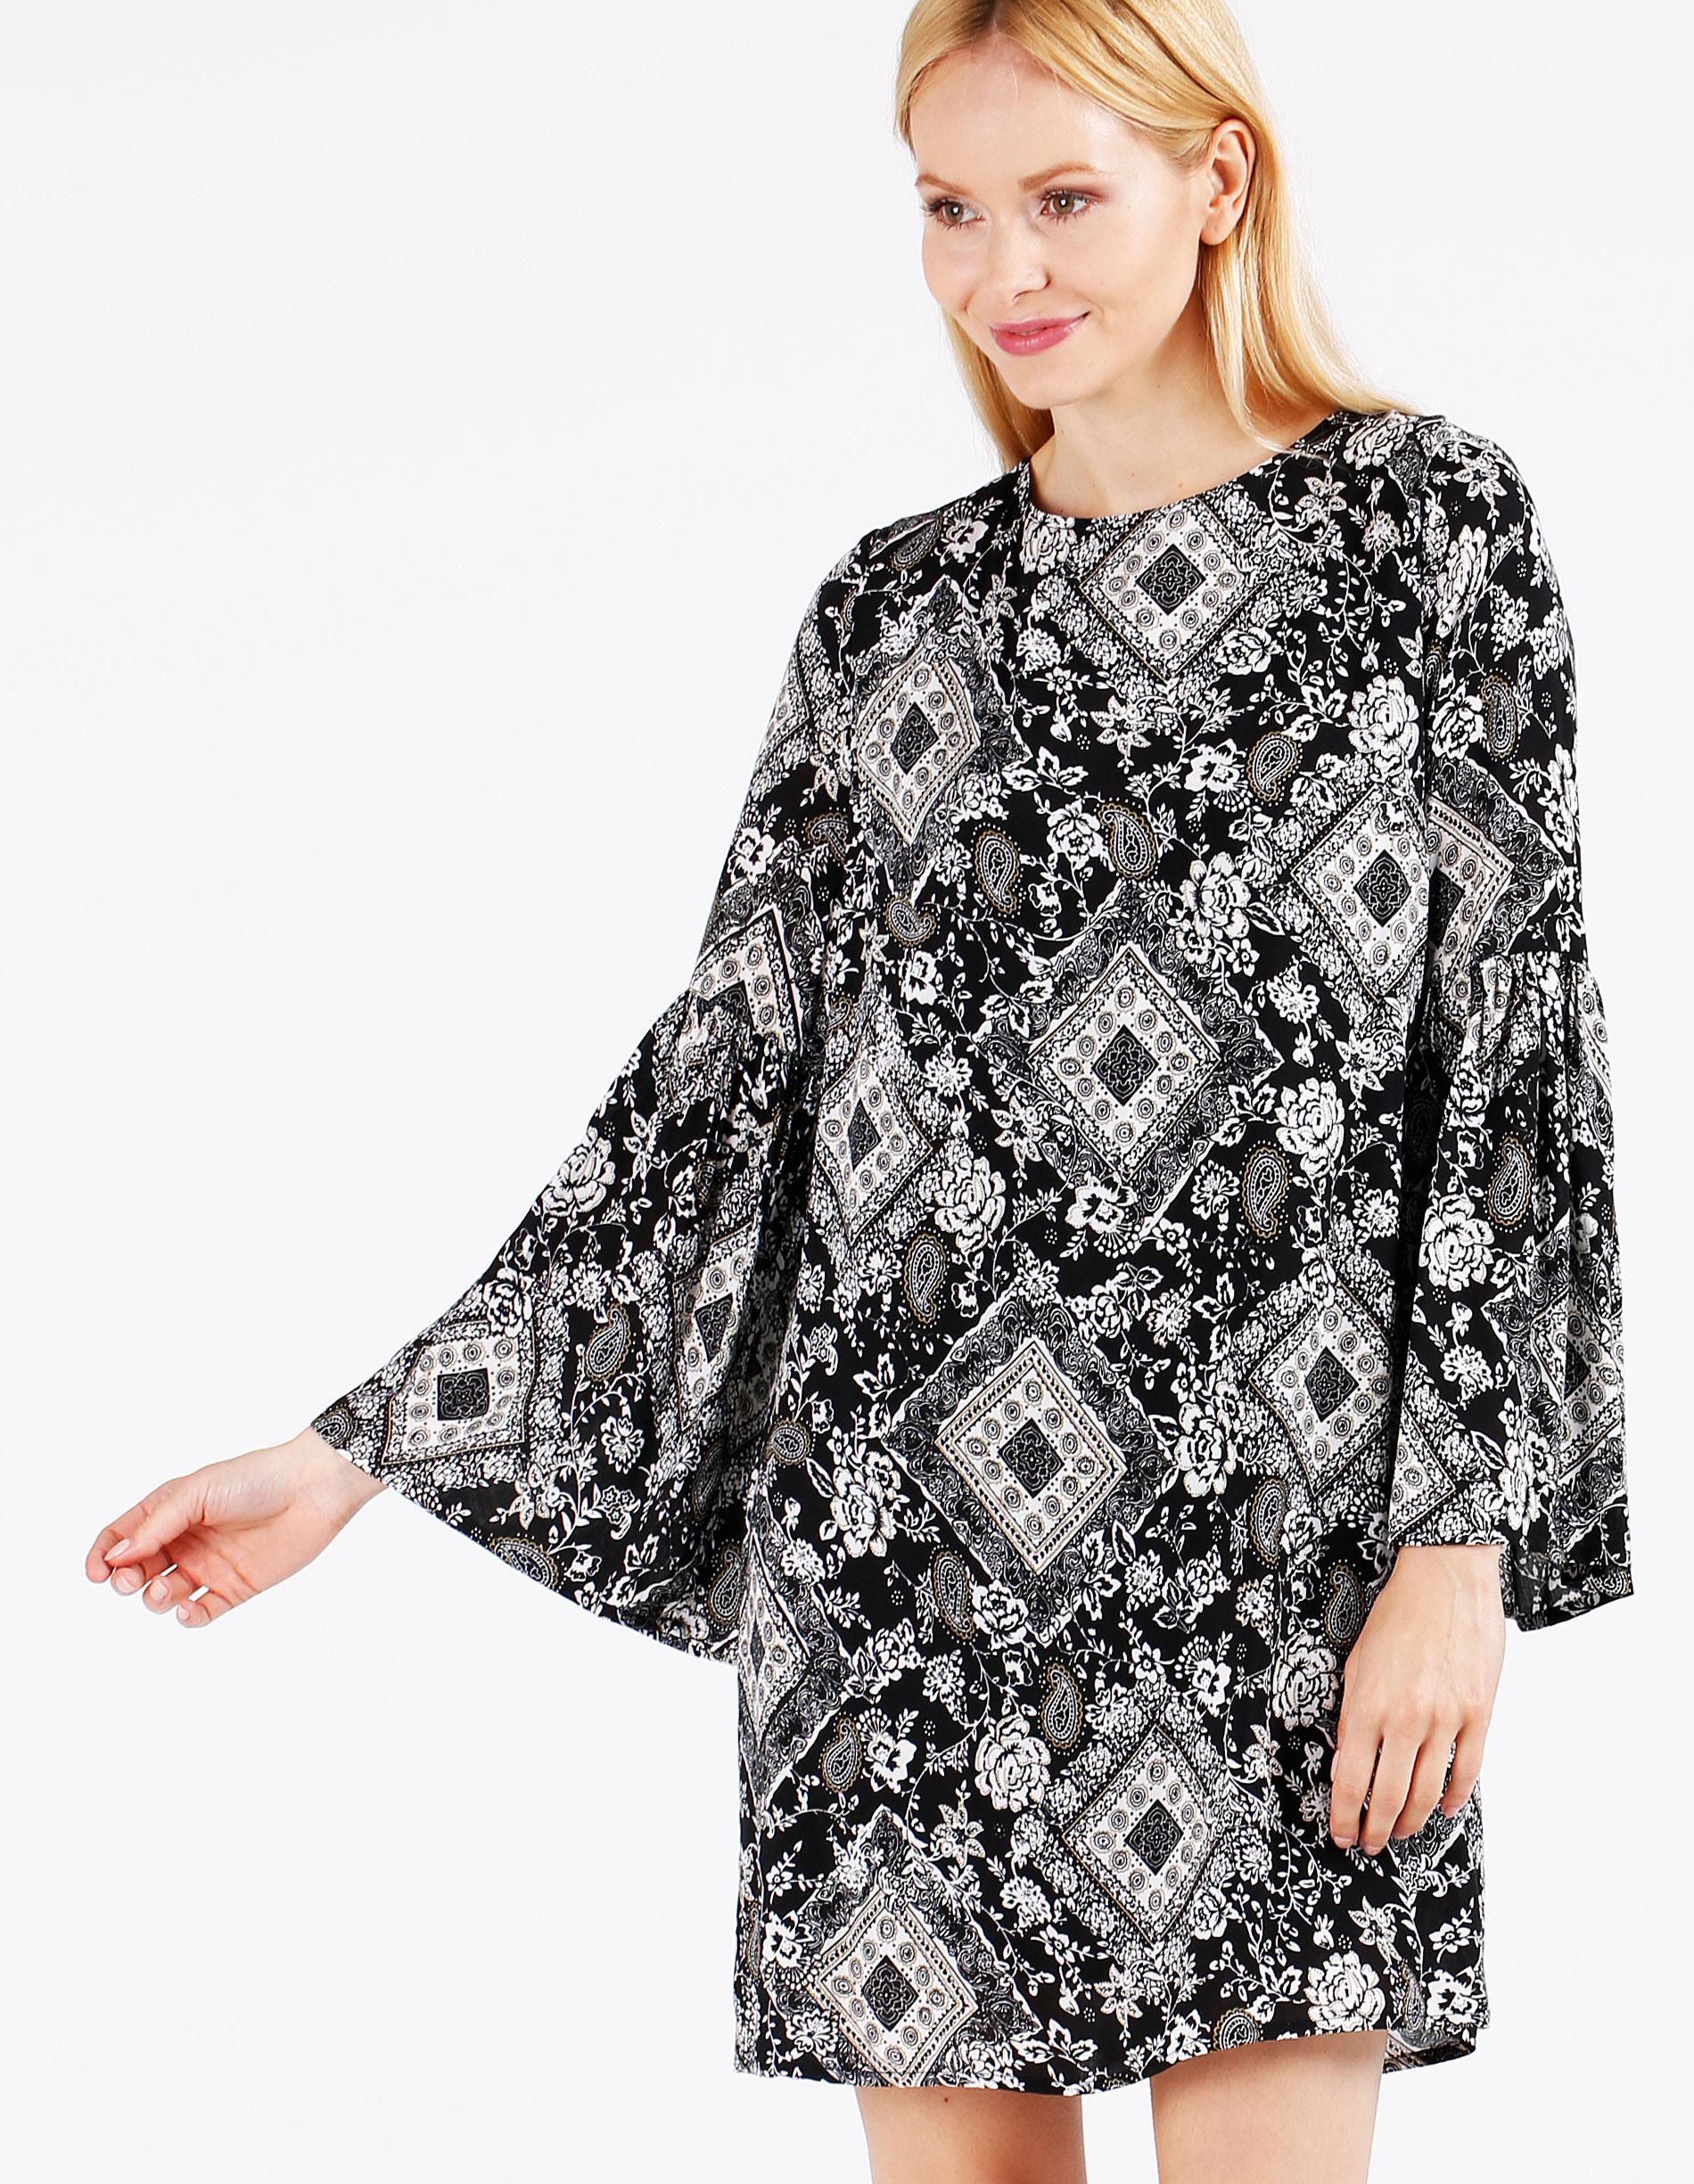 Sukienka - 88-111179 N-M - Unisono